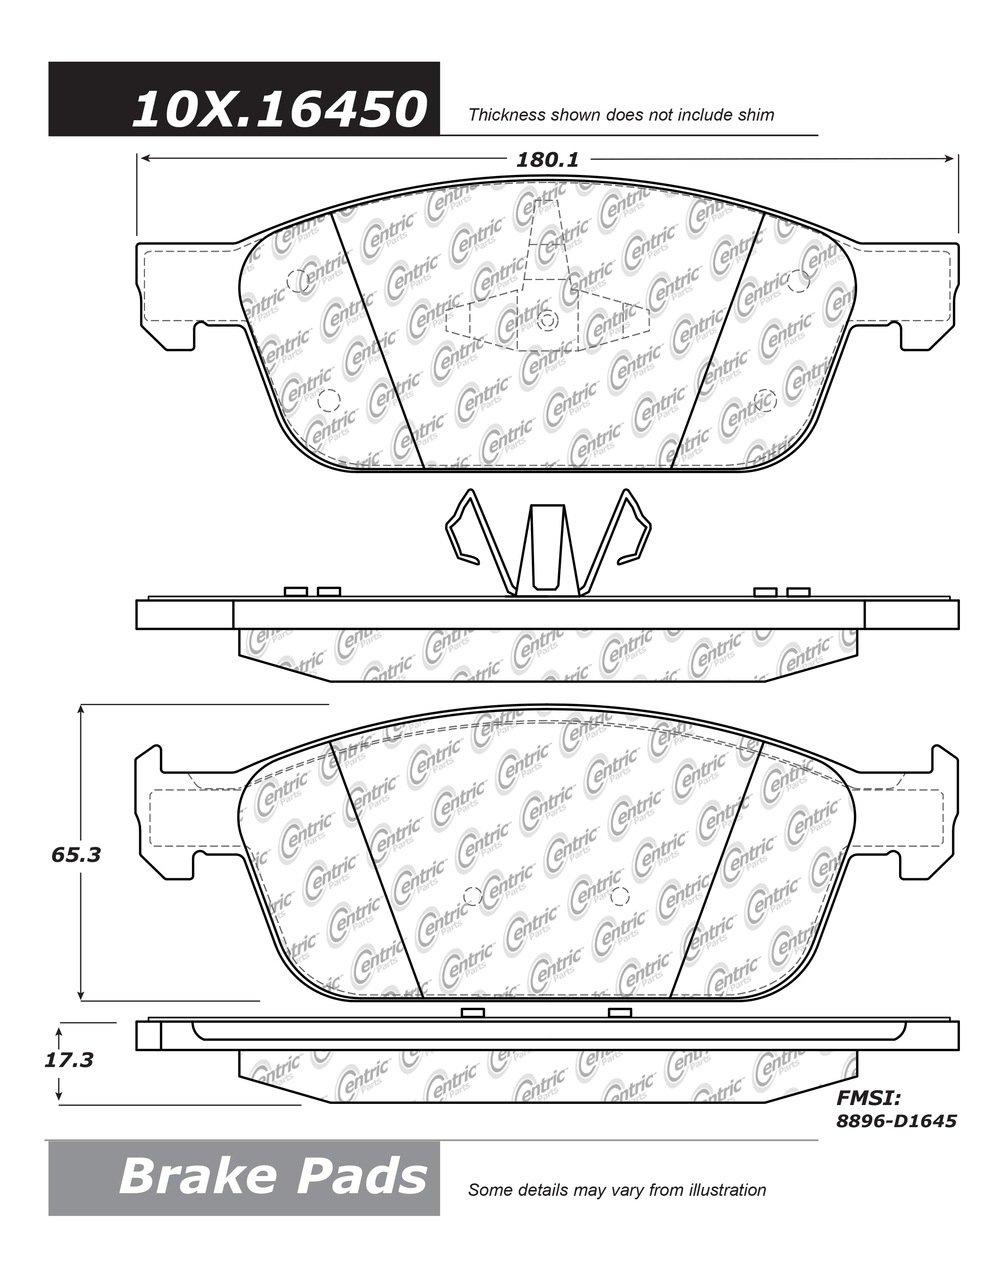 105.16450 Posi Quiet Brake Pad Ceramic Centric